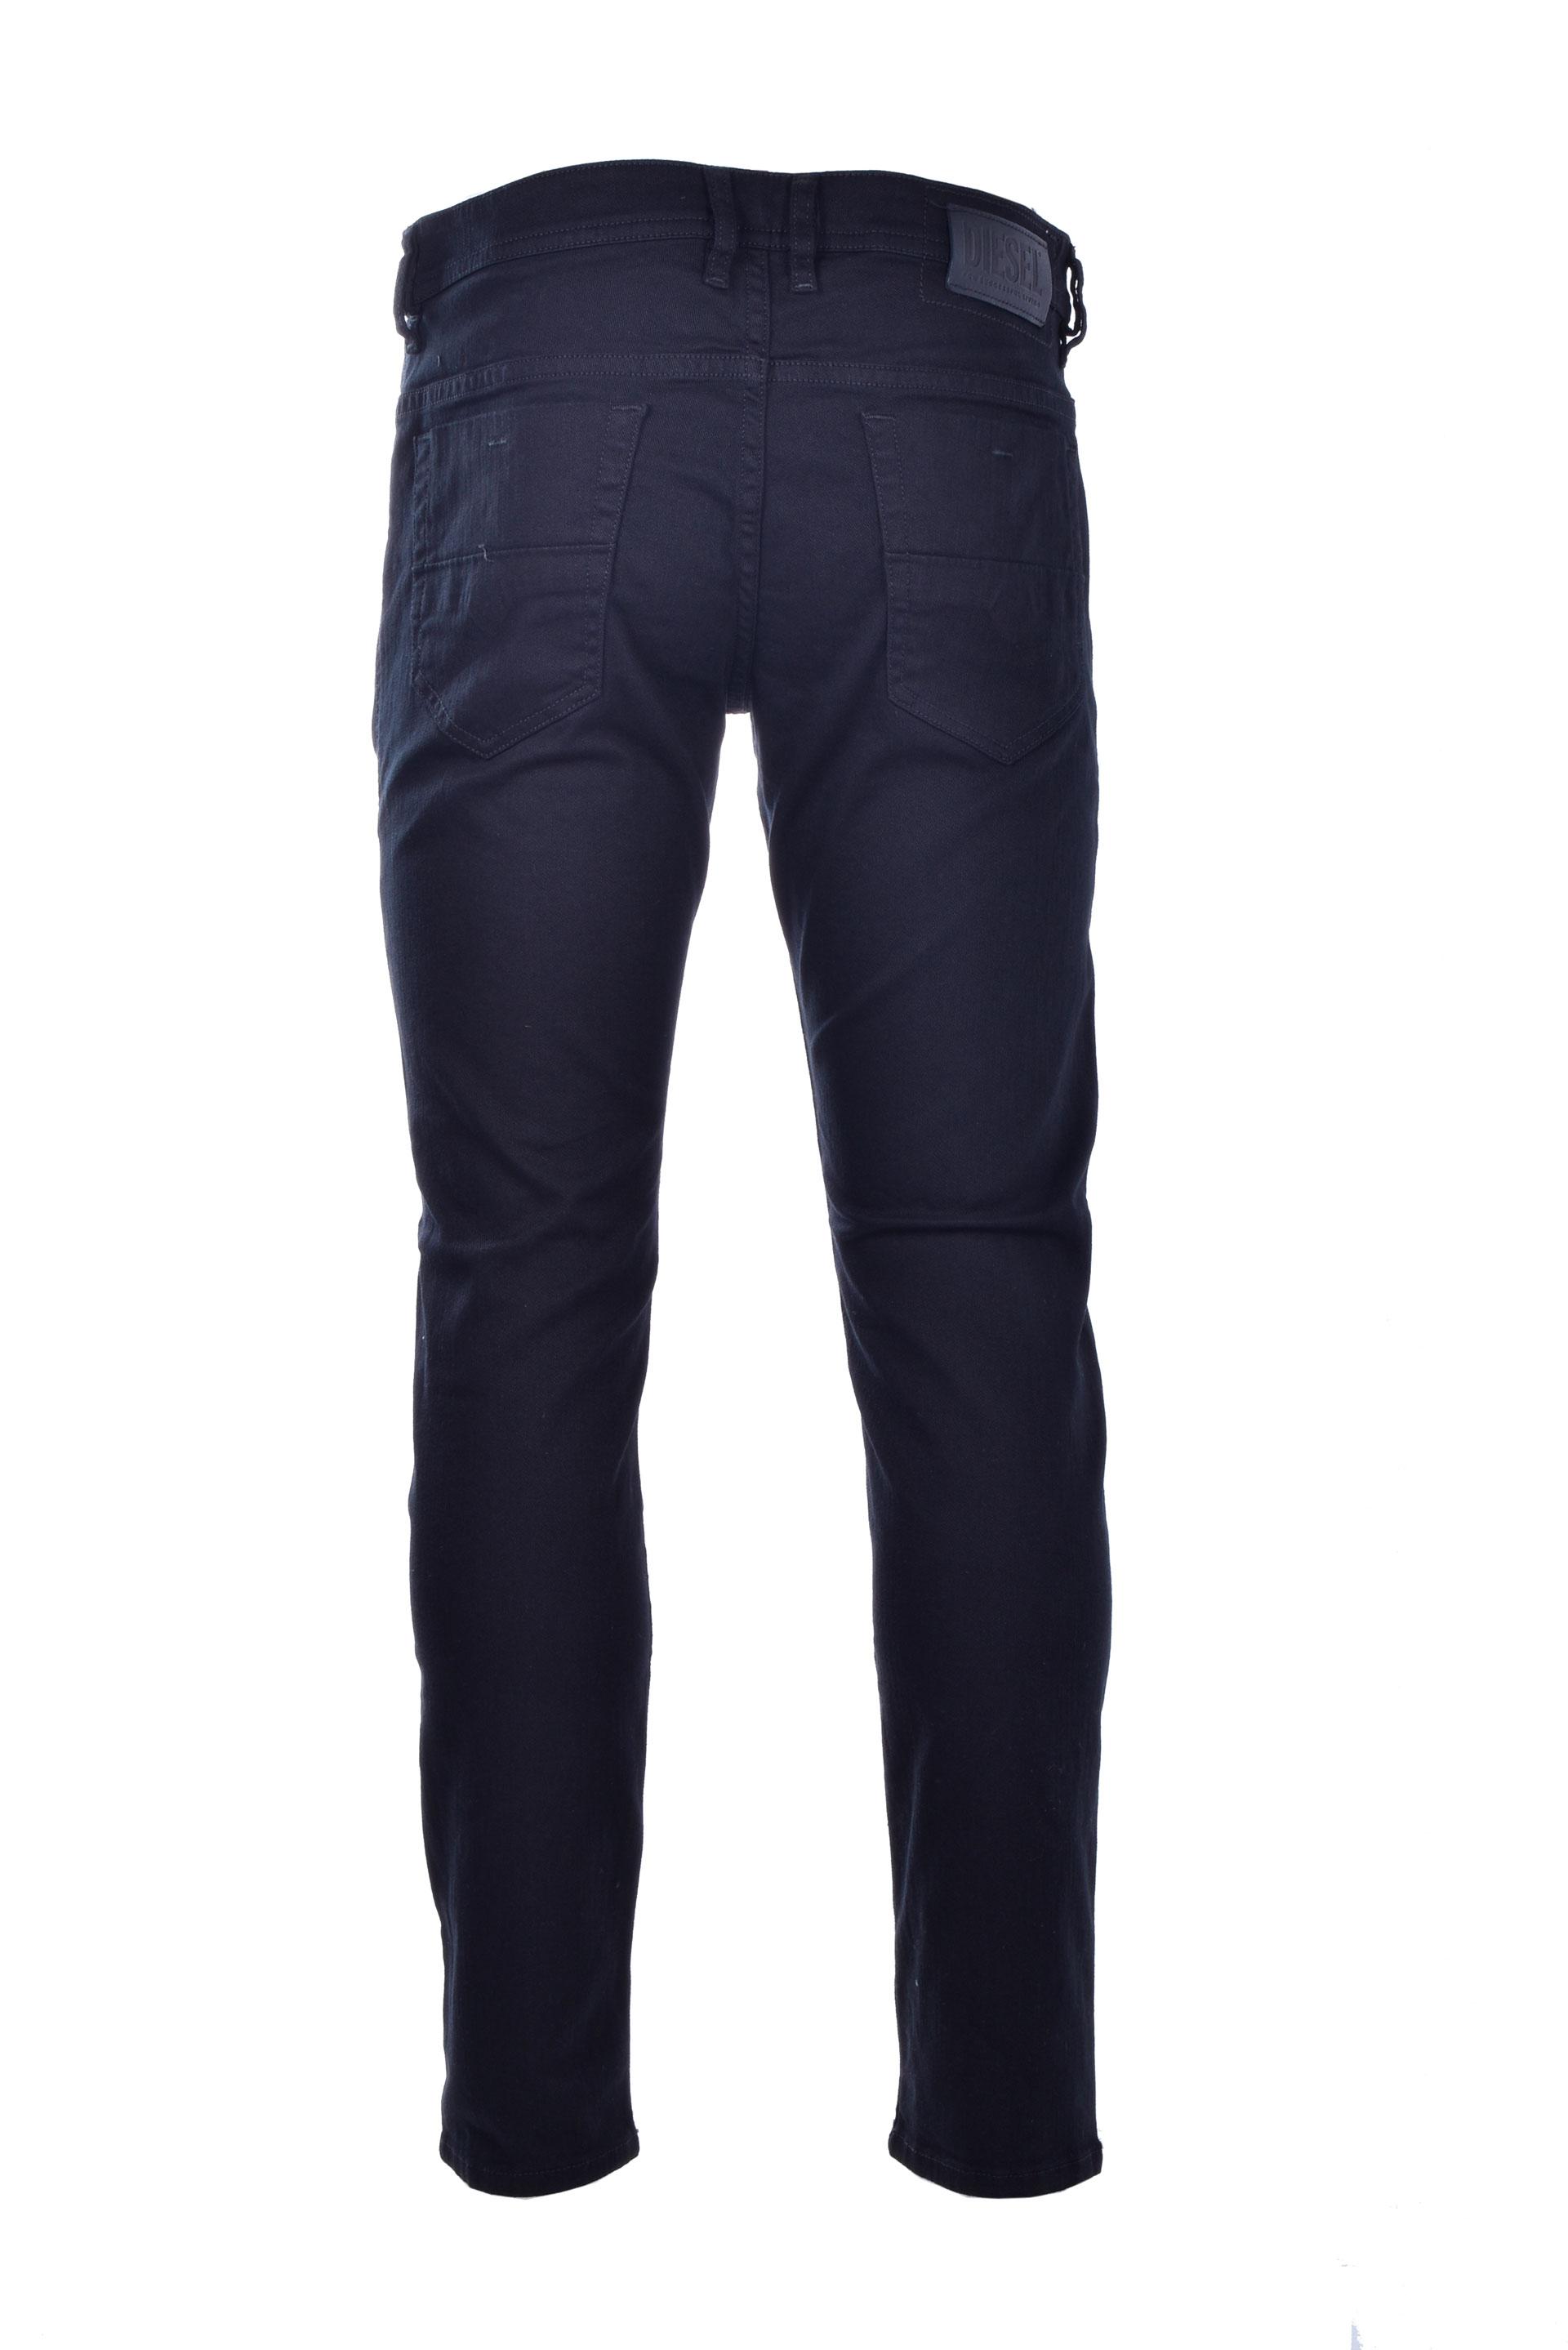 Jeans slim Thommer black DIESEL | Jeans | 00SB6C 0688H02